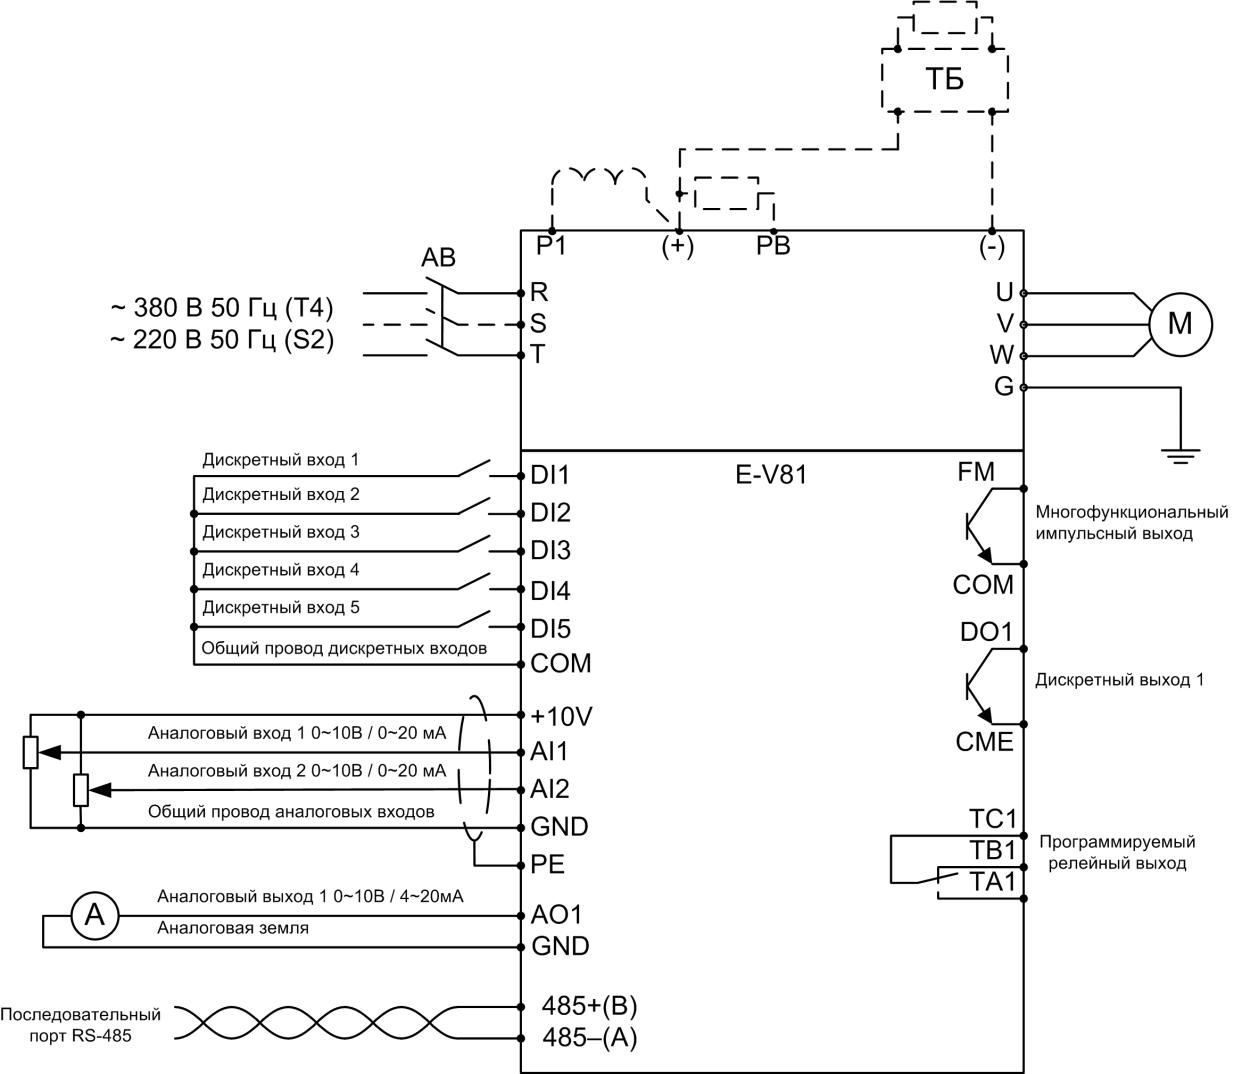 Схема частотного преобразователя ERMAN E-V81